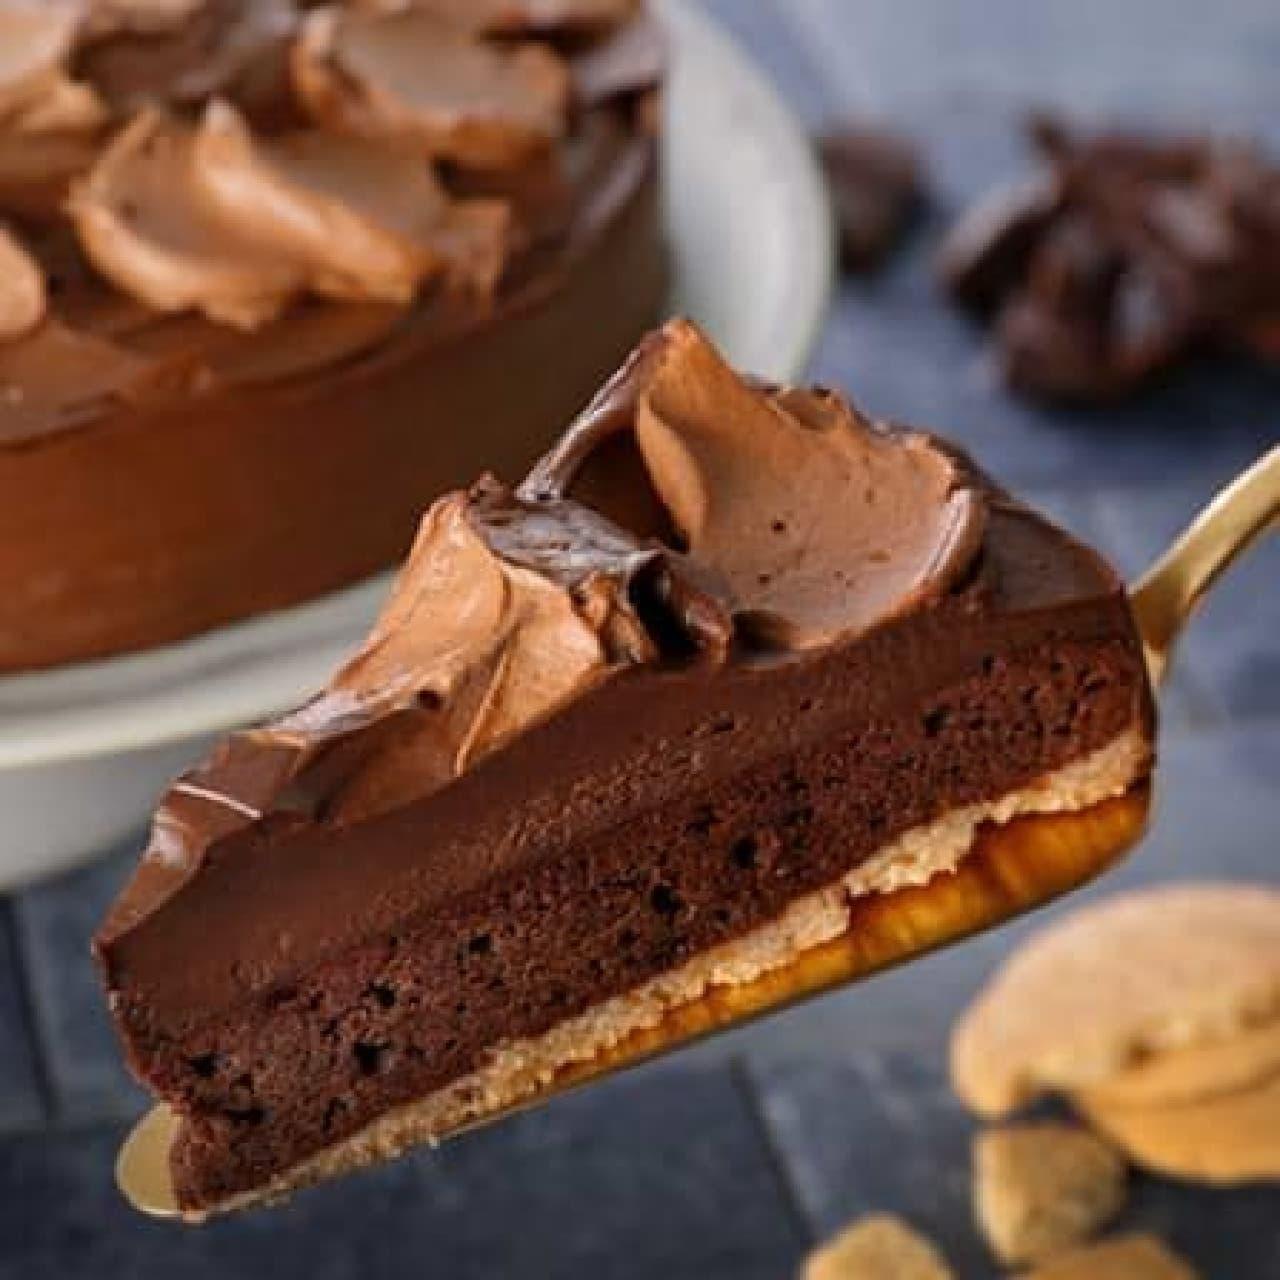 スターバックス コーヒー「チョコレートケーキ」